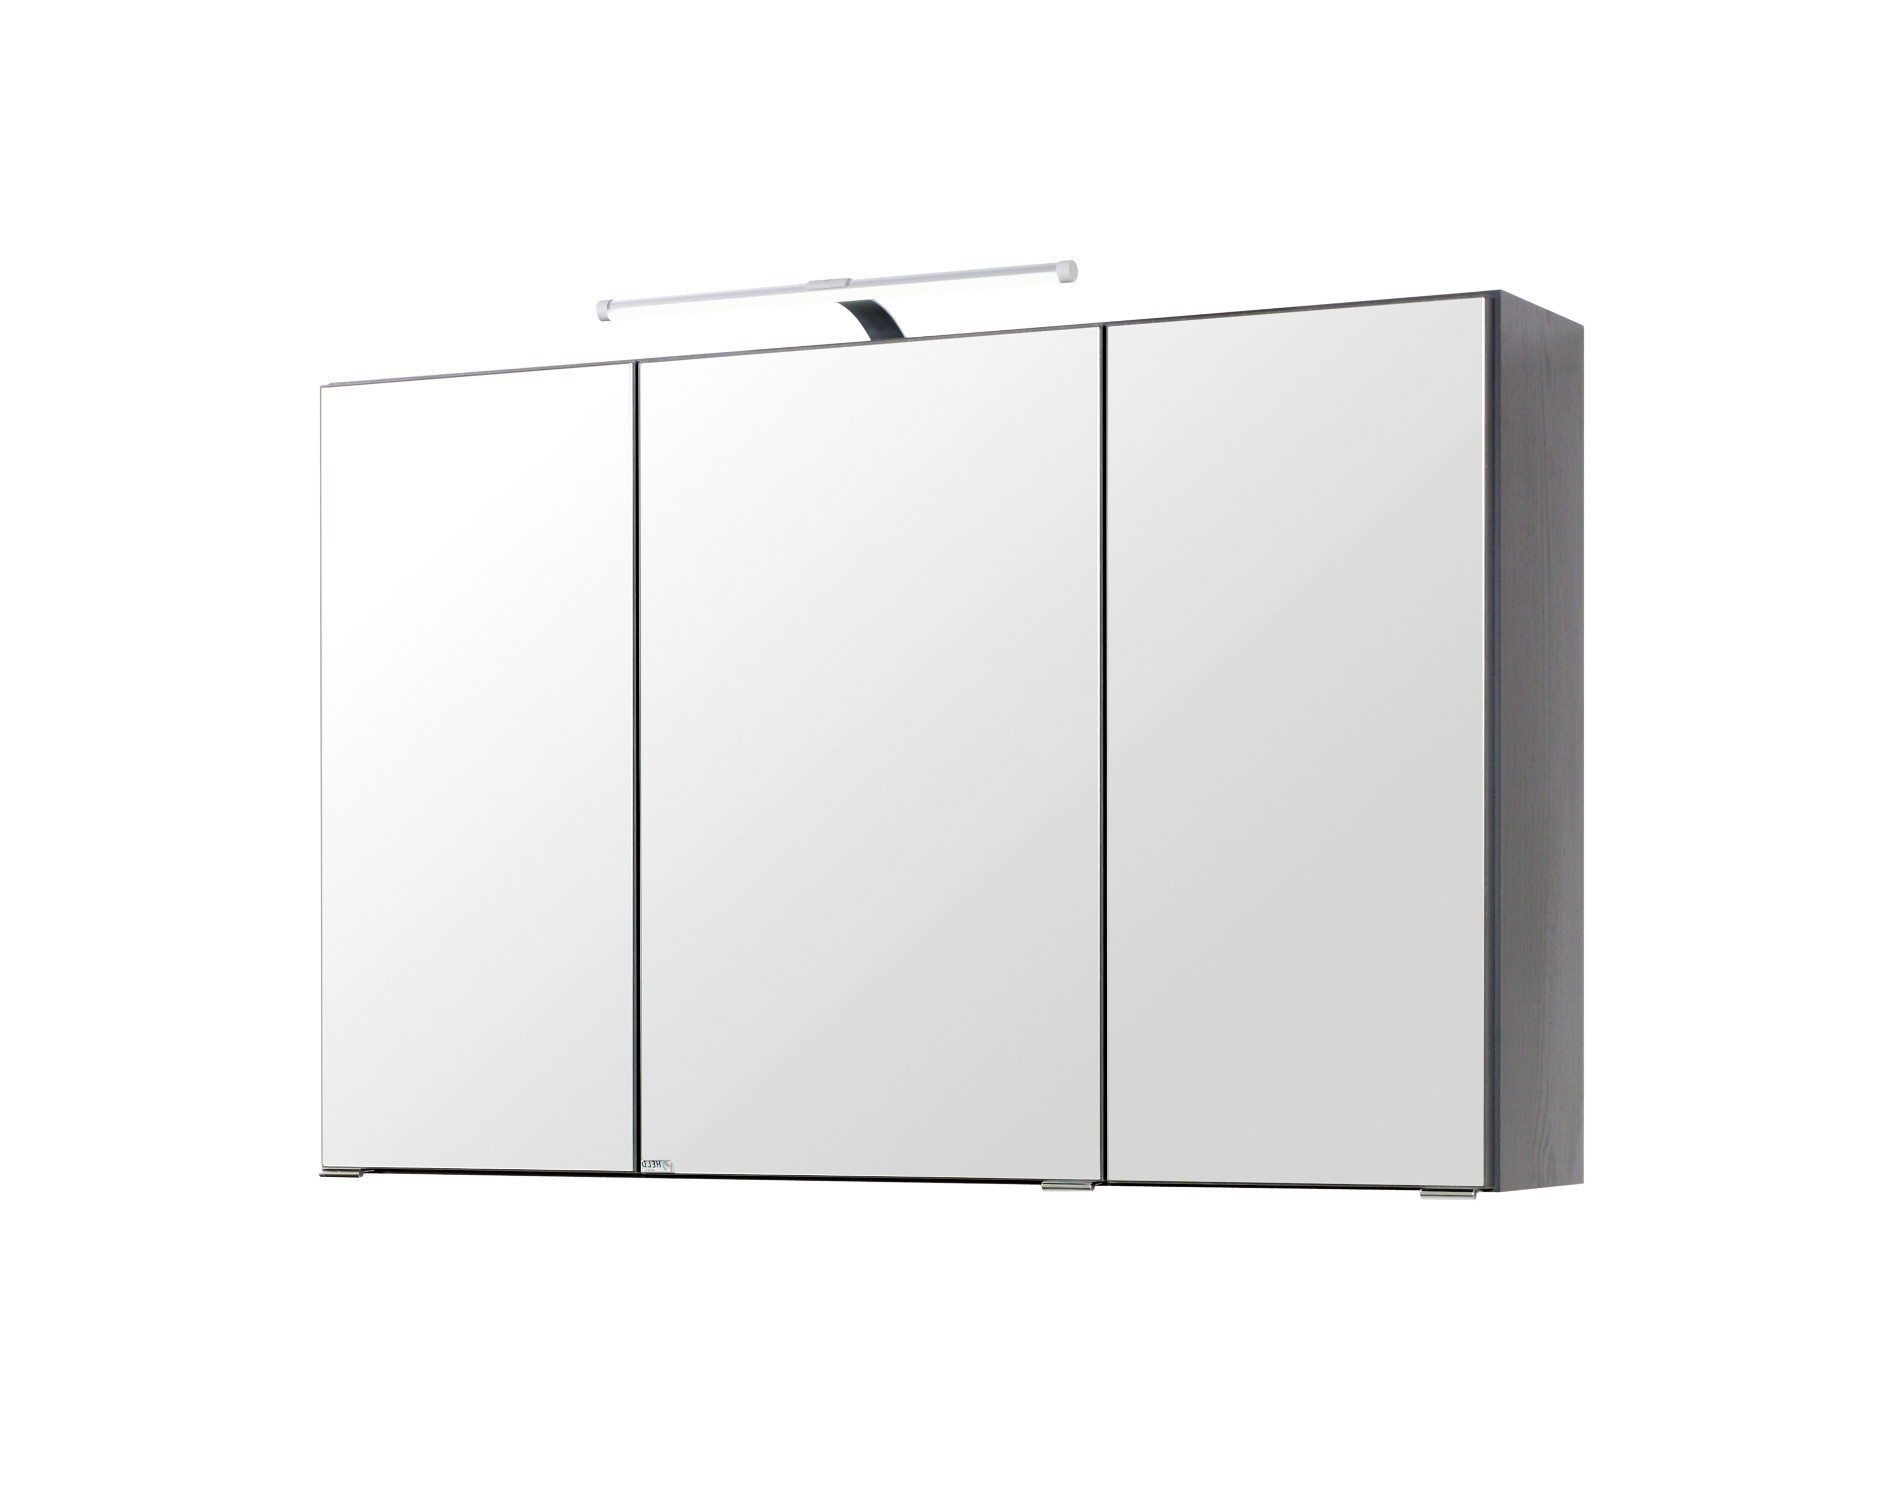 badm bel set florida mit waschtisch und spiegelschrank 6 teilig 180 cm breit eiche. Black Bedroom Furniture Sets. Home Design Ideas